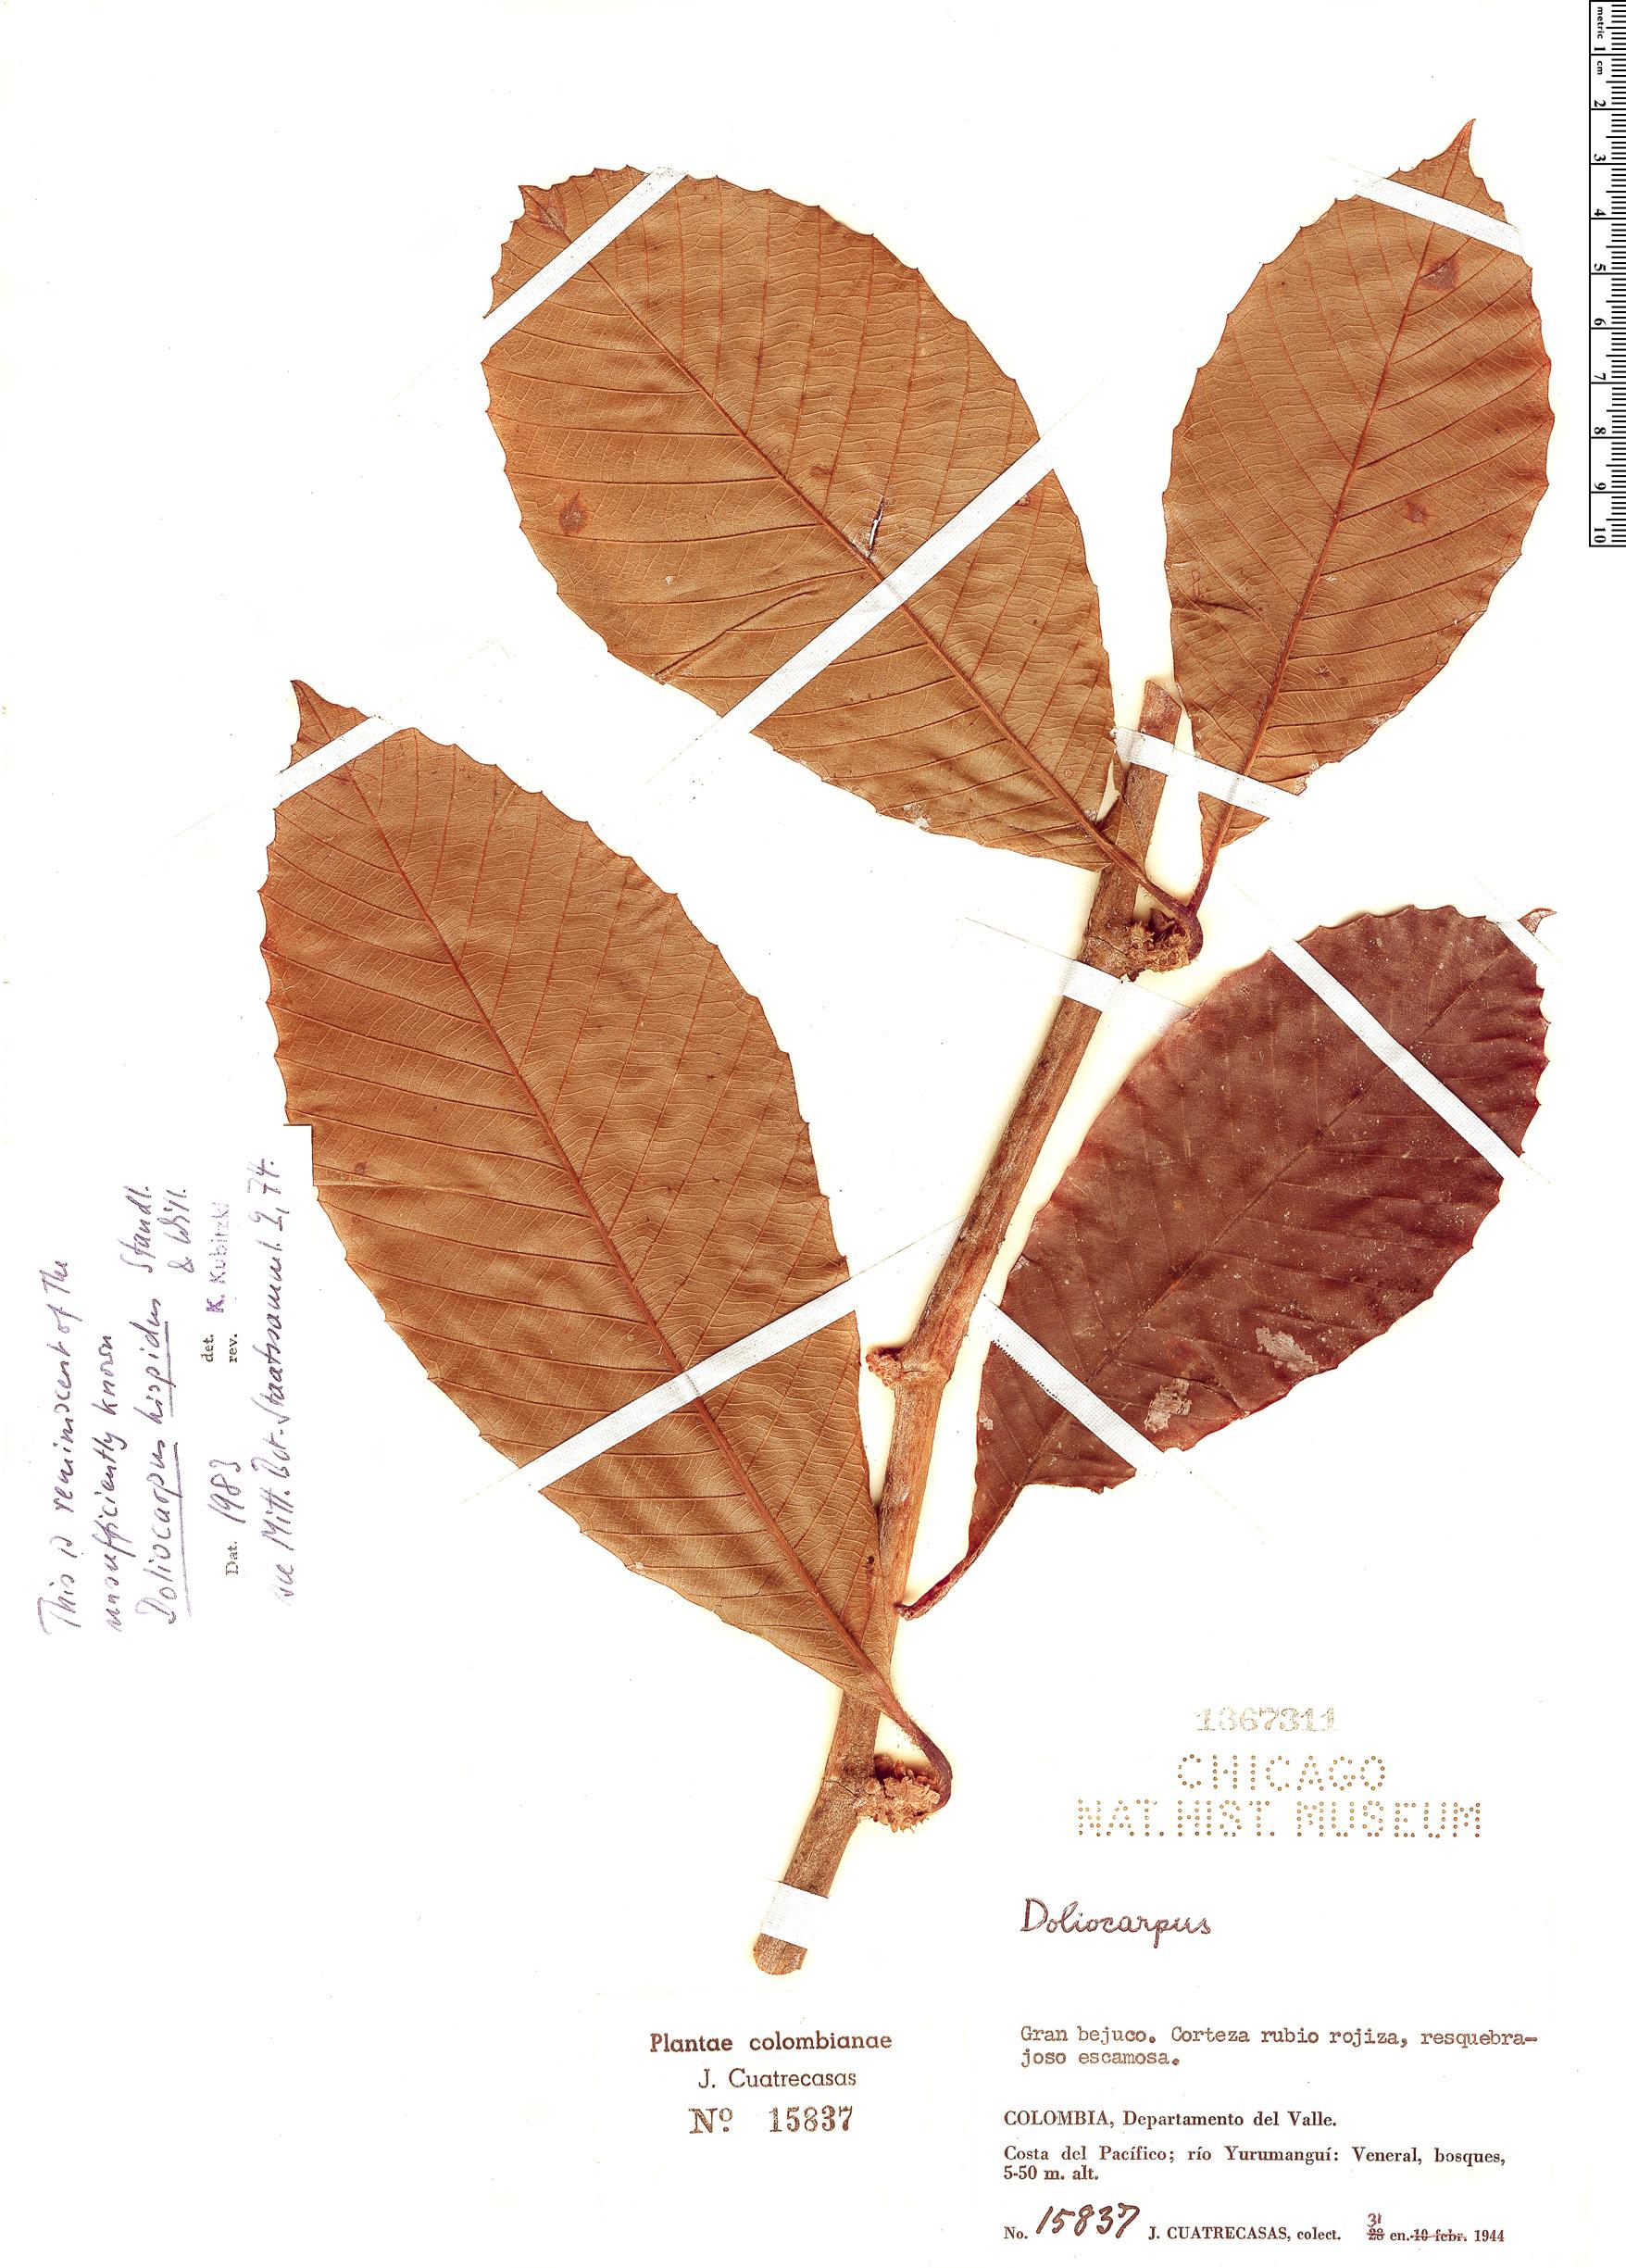 Specimen: Doliocarpus